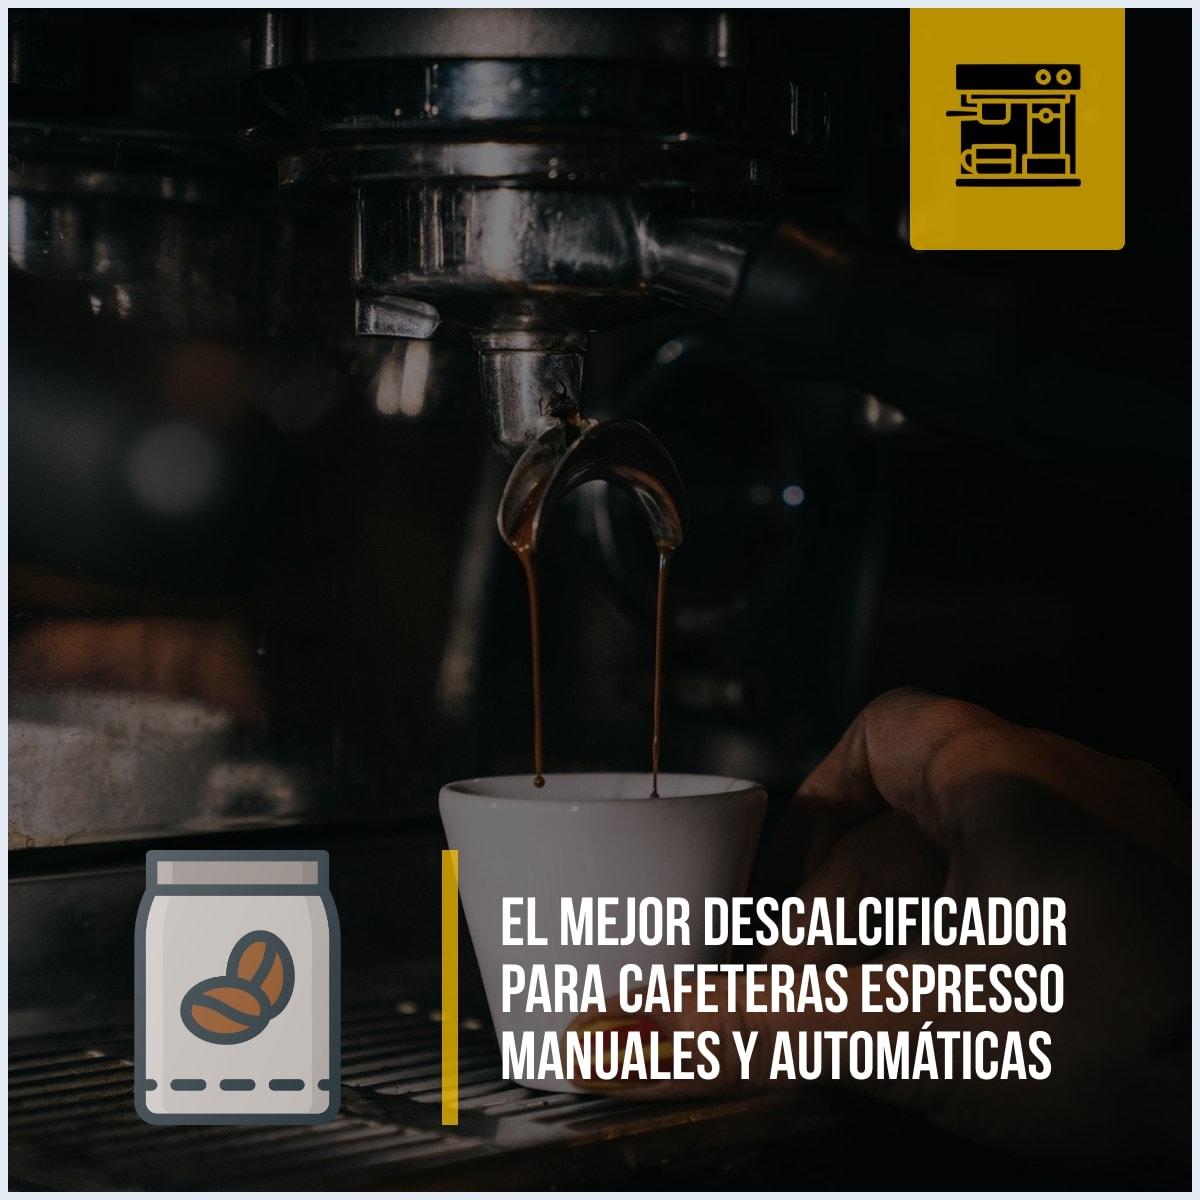 Productos descalcificadores para máquinas de café espresso manuales y automáticas recomendados